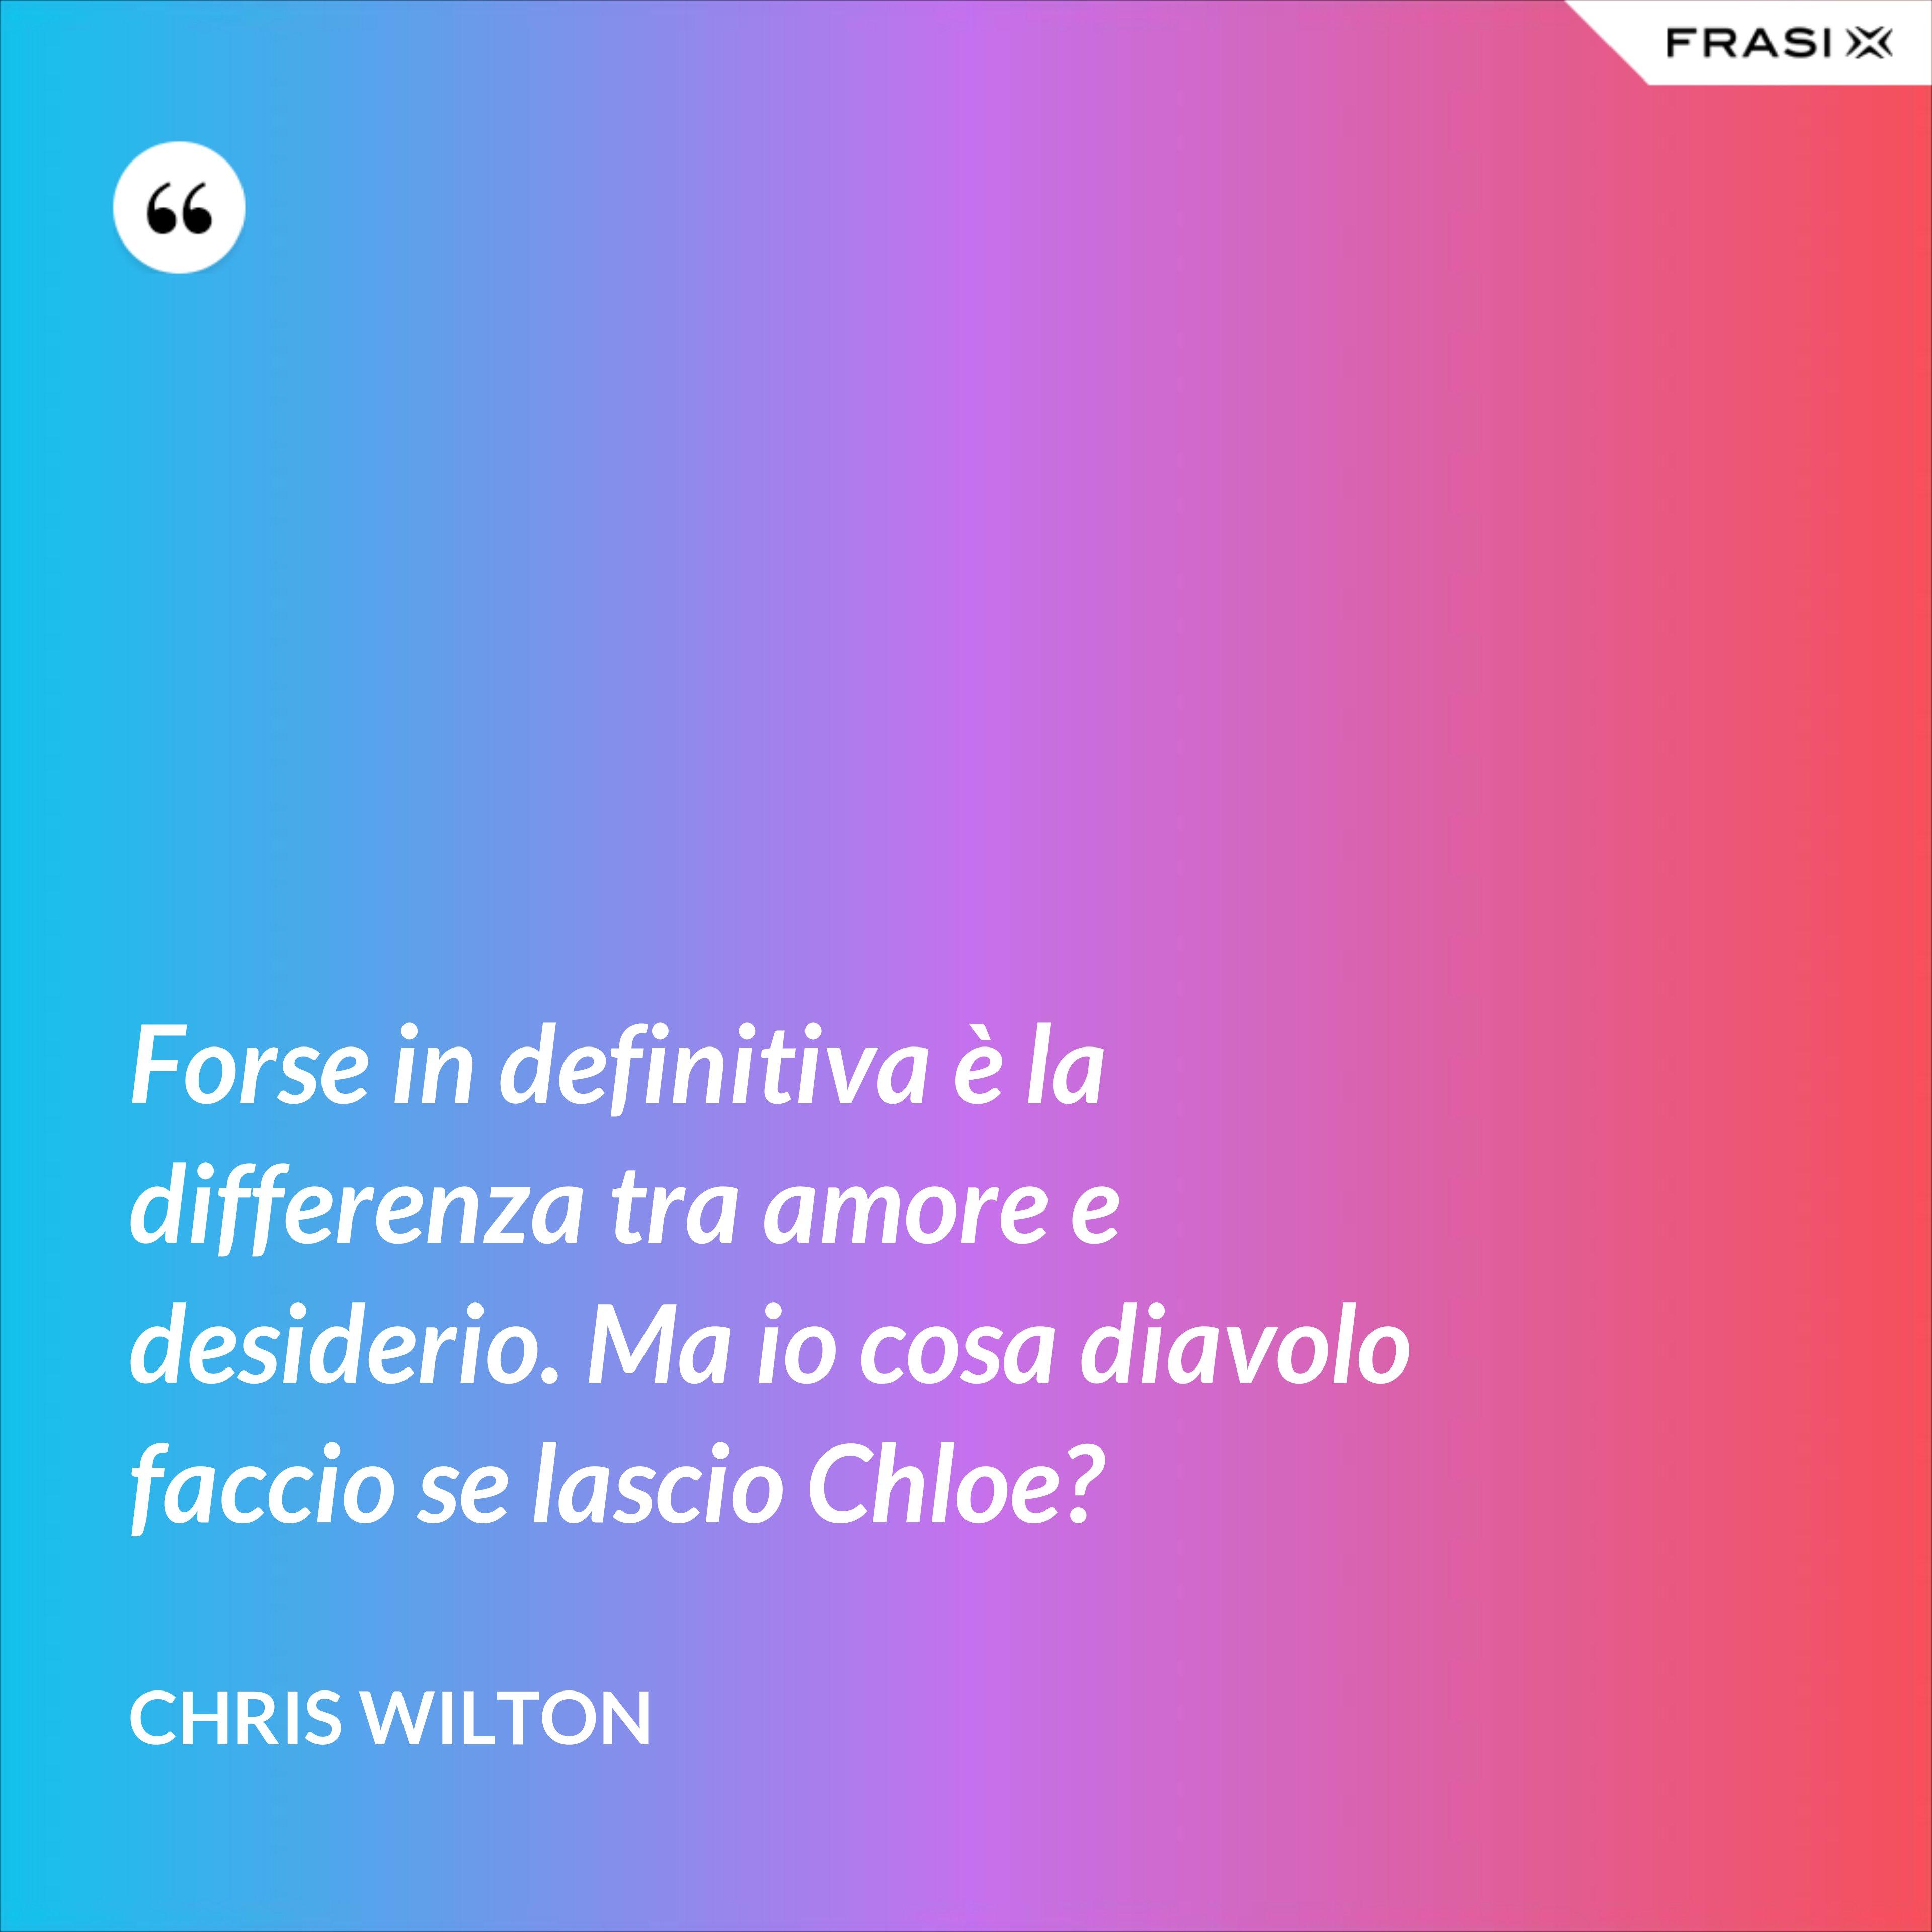 Forse in definitiva è la differenza tra amore e desiderio. Ma io cosa diavolo faccio se lascio Chloe? - Chris Wilton